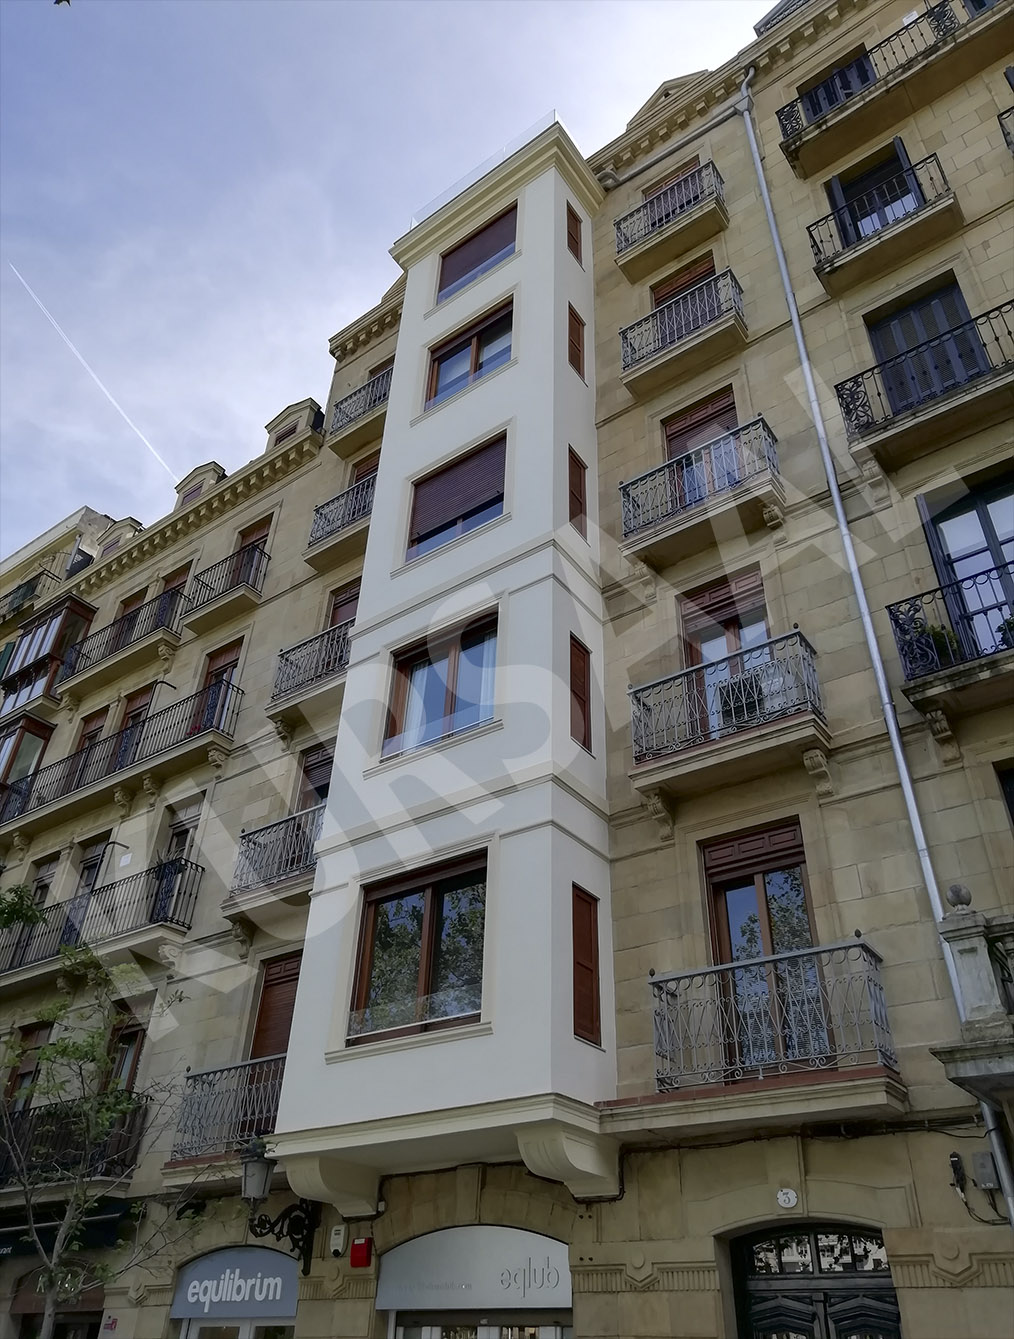 trabajo realizado en: Restauración y patrimonio-RESTAURACIÓN-DONOSTIA, GIPUZKOA-Santa Katalina 3